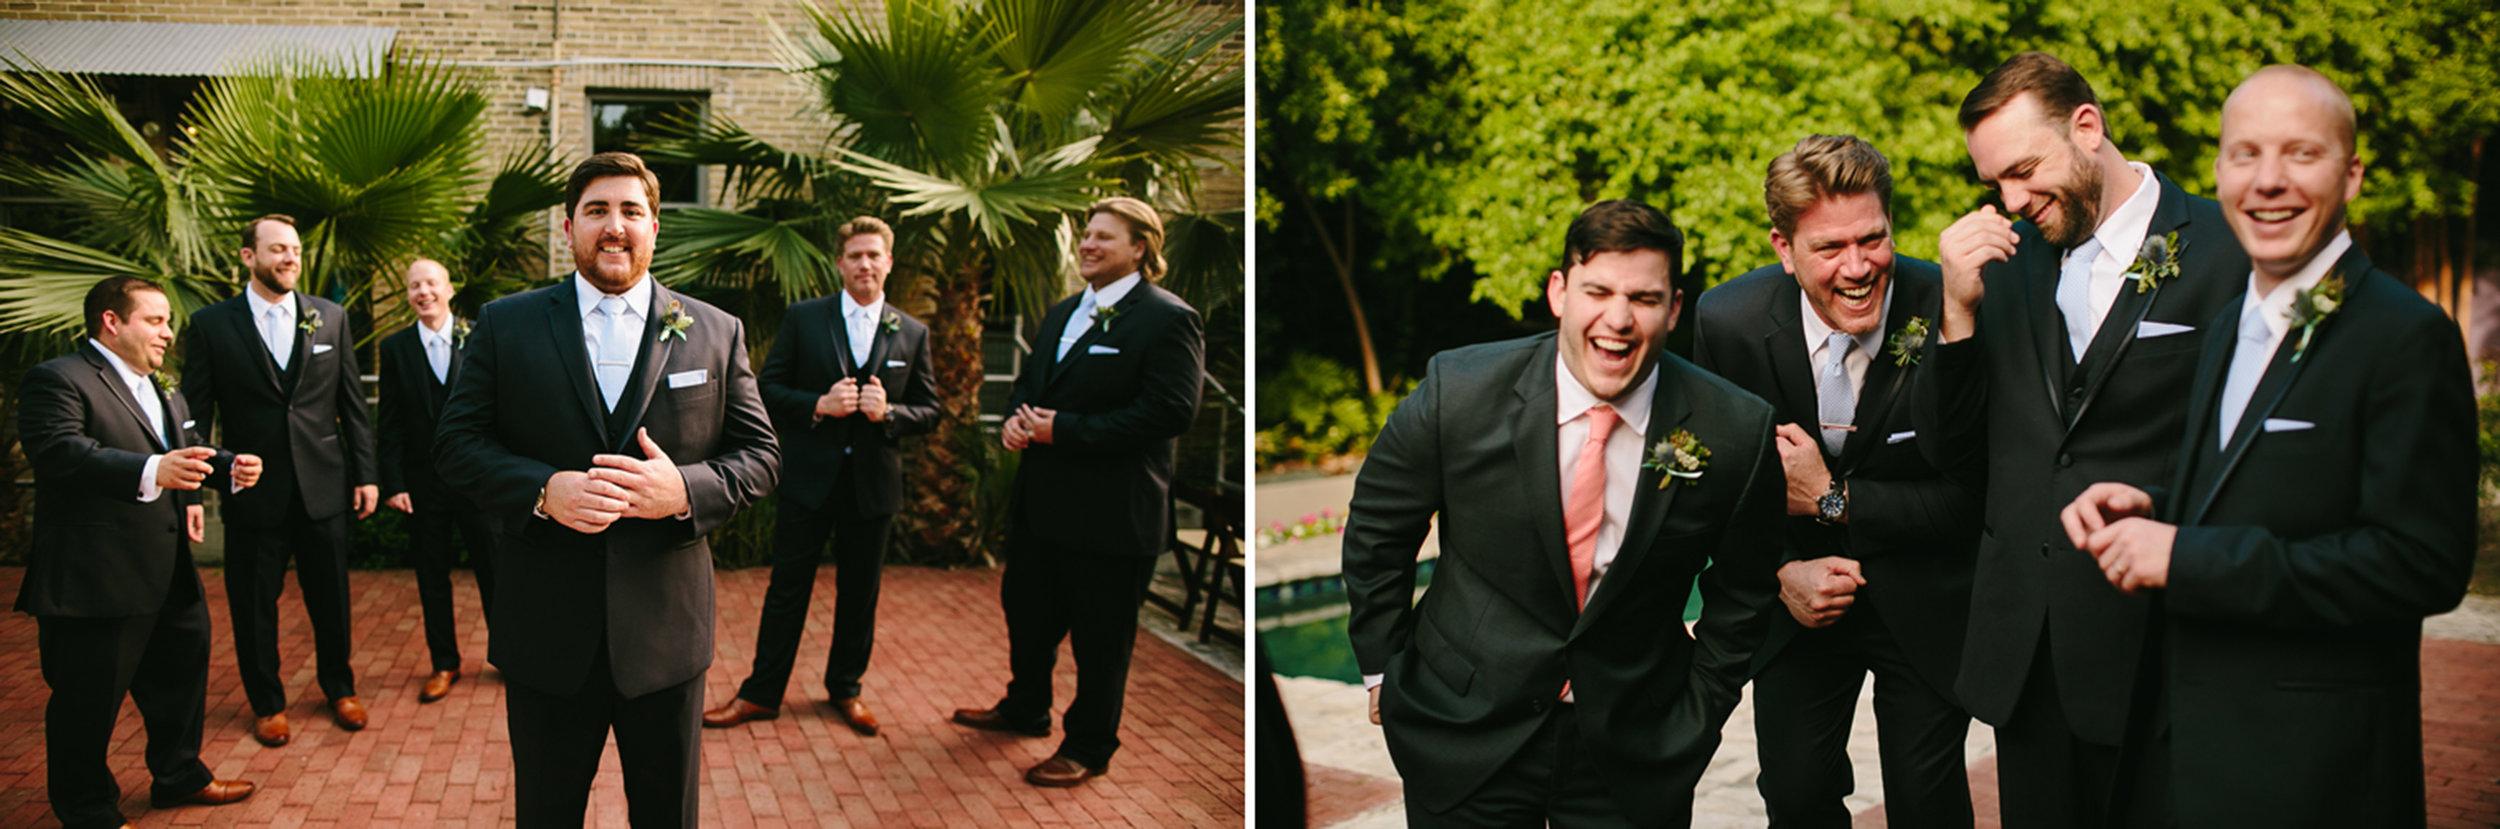 Austin_WeddingPhotographer022.jpg